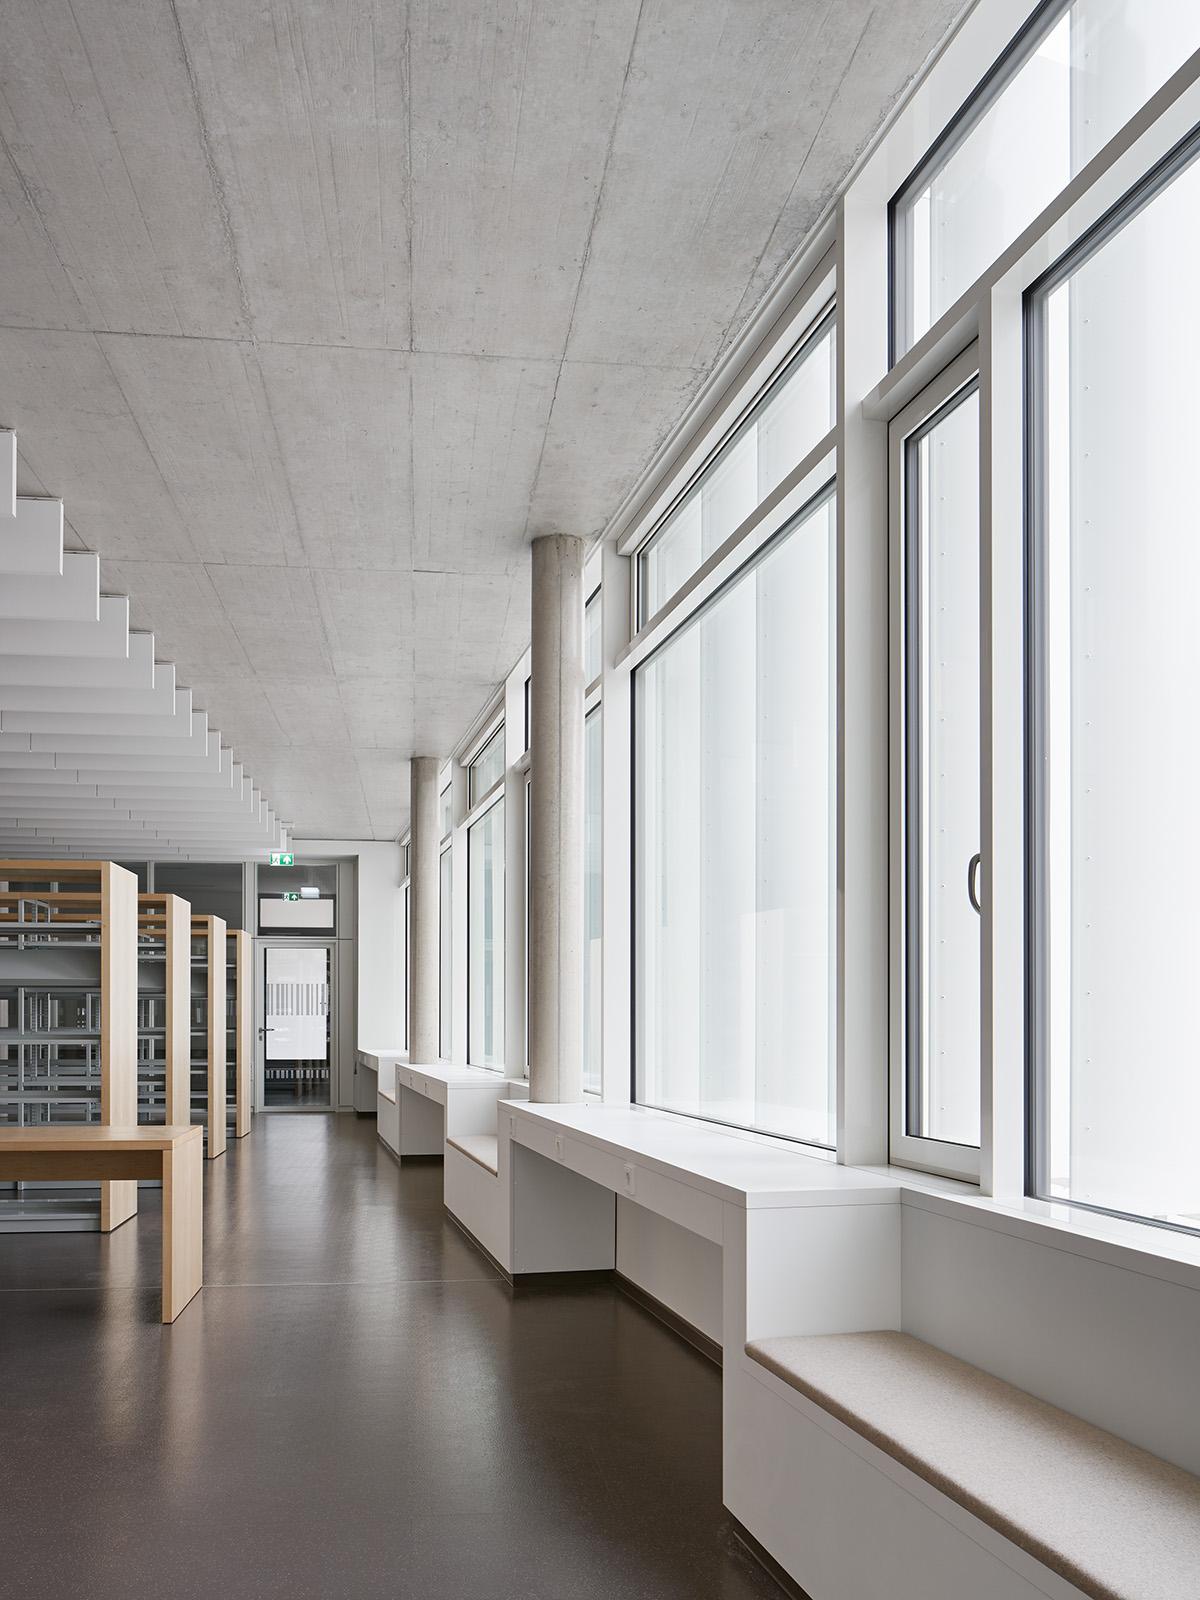 Neubau Bürgerzentrum und Stadtteilbibliothek Karlsruhe Mühlburg  Architektur: Klinkott Architekten Kaiserstraße 235 76133 Karlsruhe www.klinkott-architekten.de